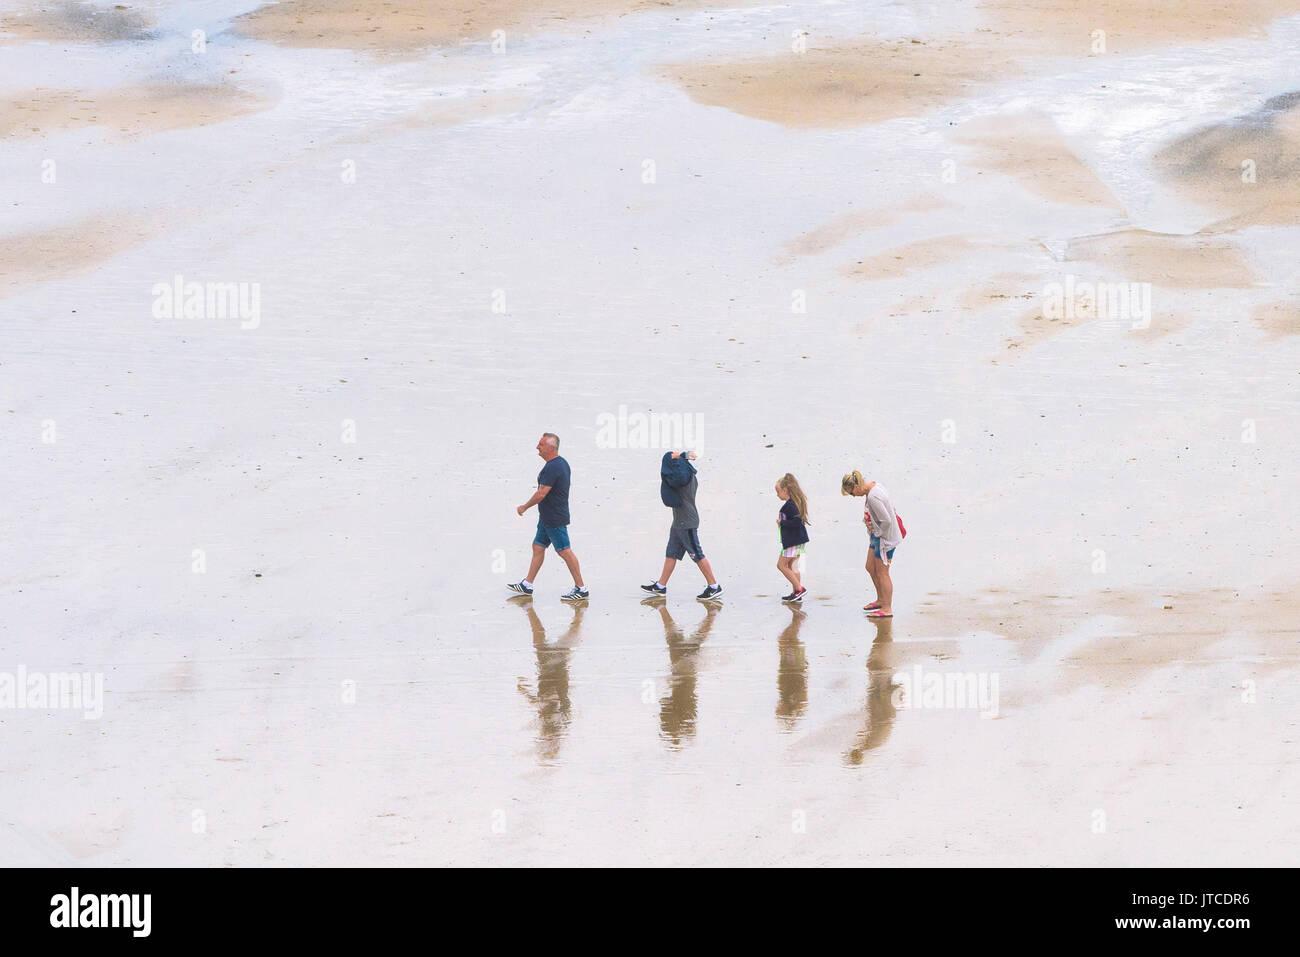 Una familia de turistas caminando en archivo único en una playa de Newquay, Cornwall. Imagen De Stock